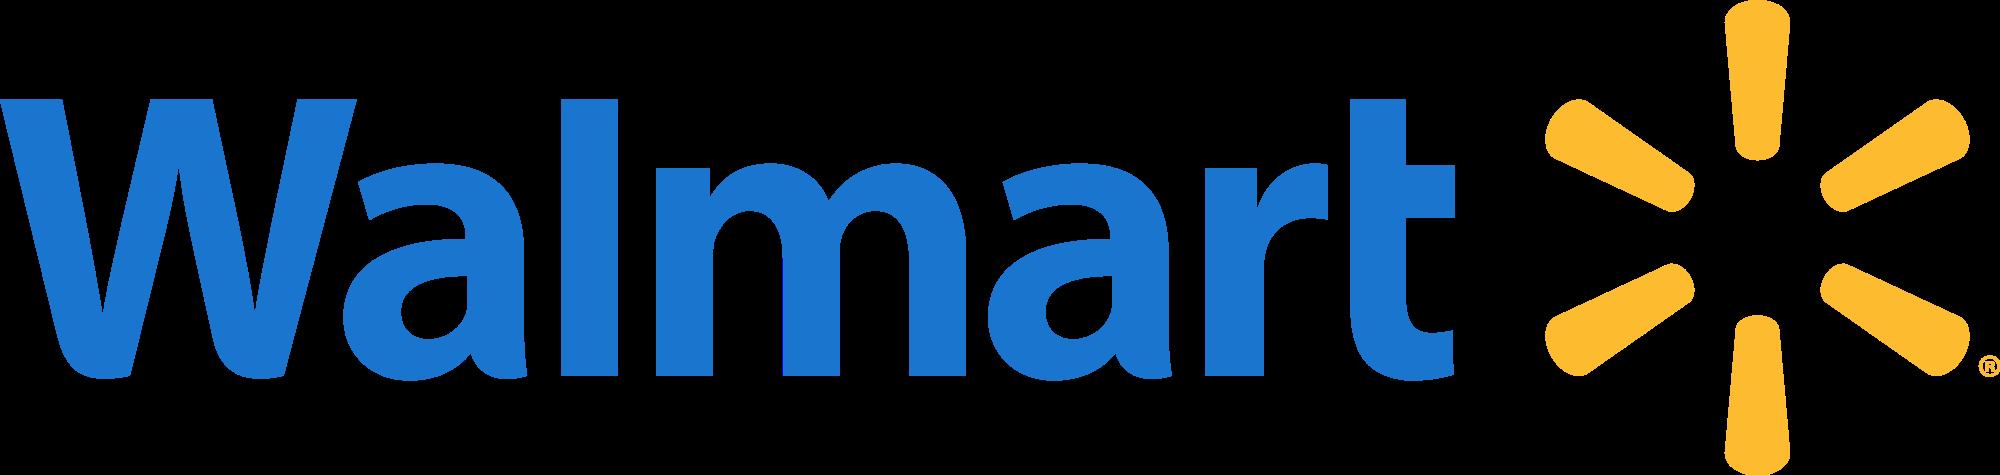 Clientes - Walmart - CesarGamio.com